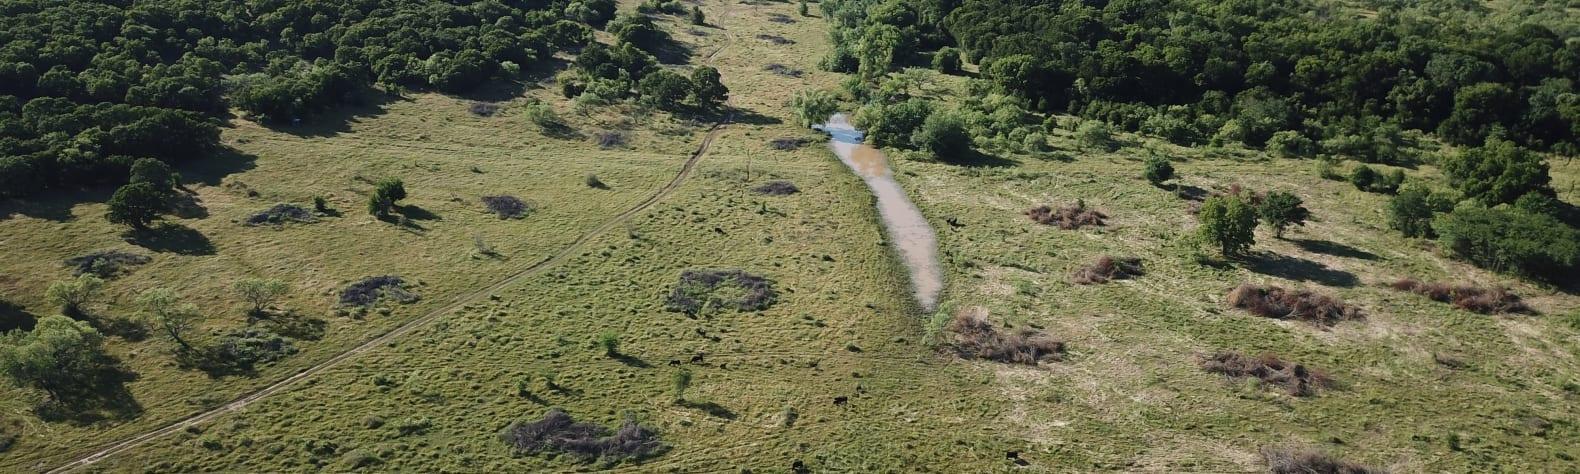 Triplett Ranch